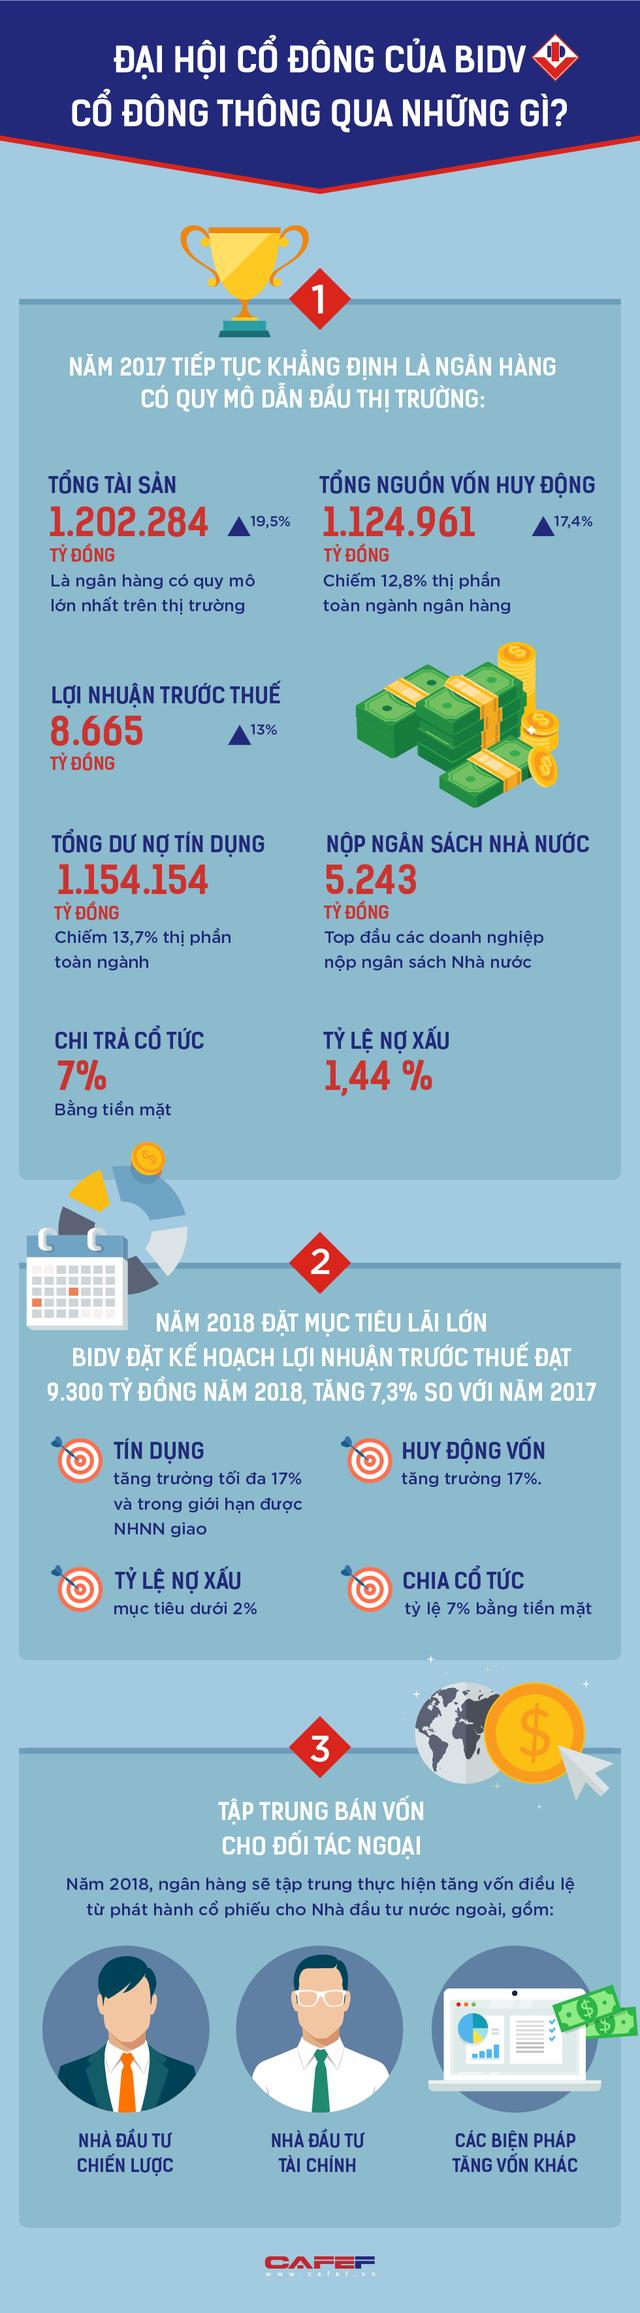 ĐHCĐ 2018 của BIDV, cổ đông thông qua những gì?